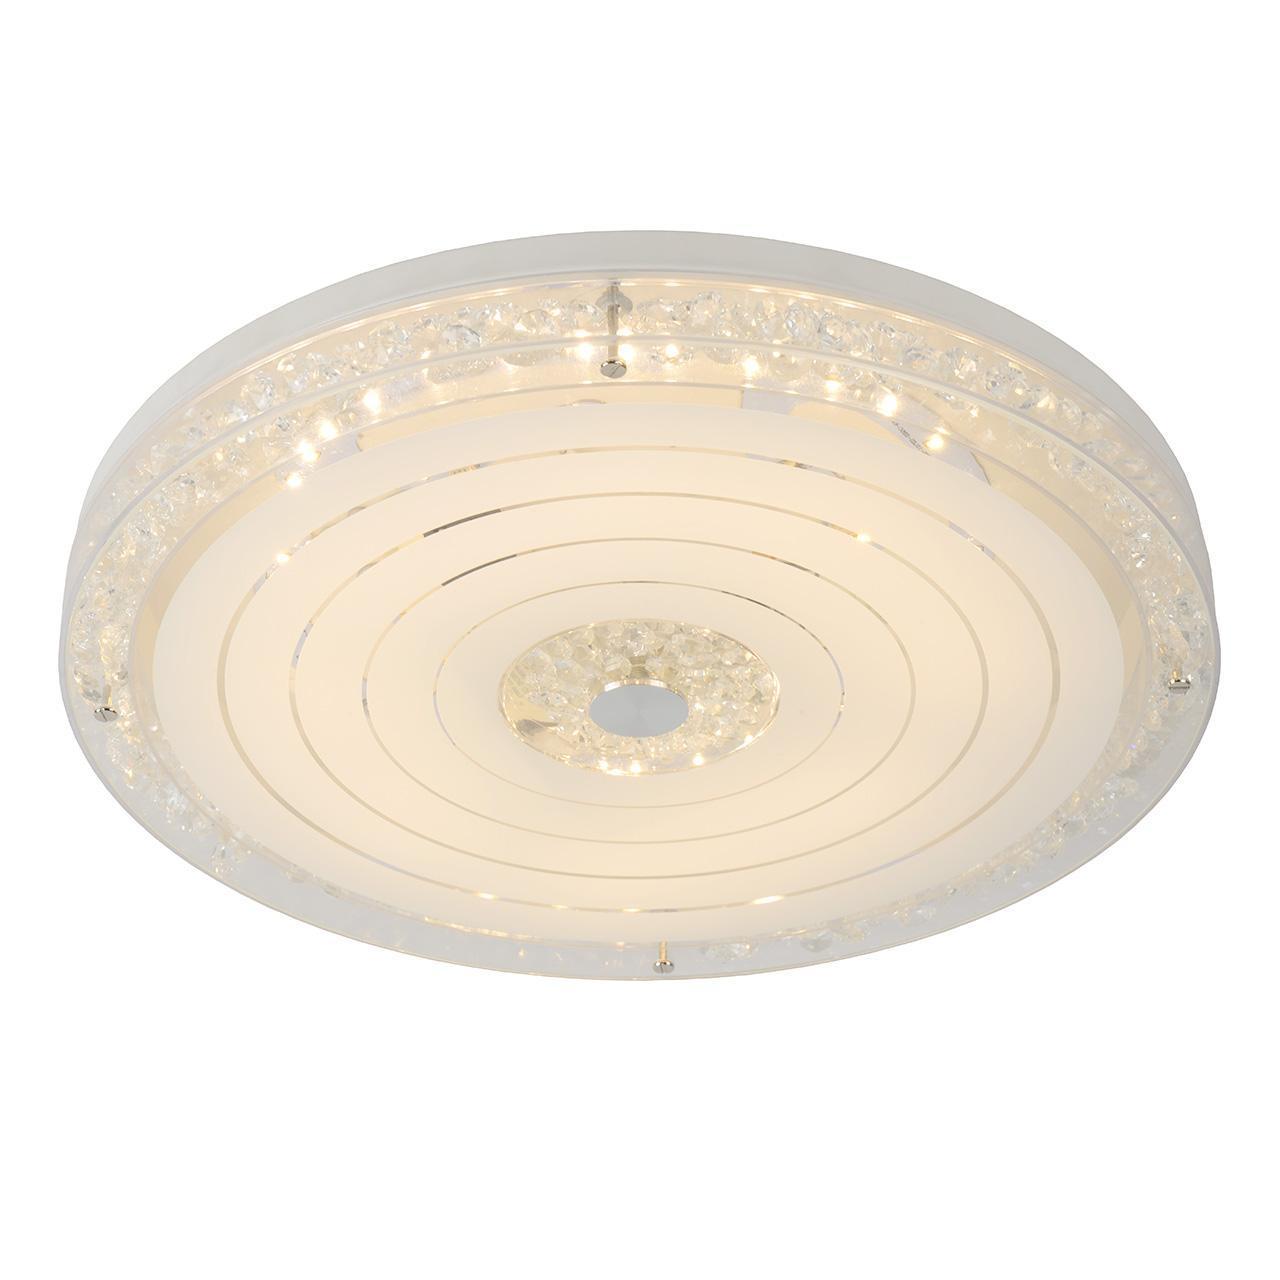 Потолочный светодиодный светильник Lucide Vivi 79102/28/60 кеды queen vivi queen vivi qu004awaazb1 page 9